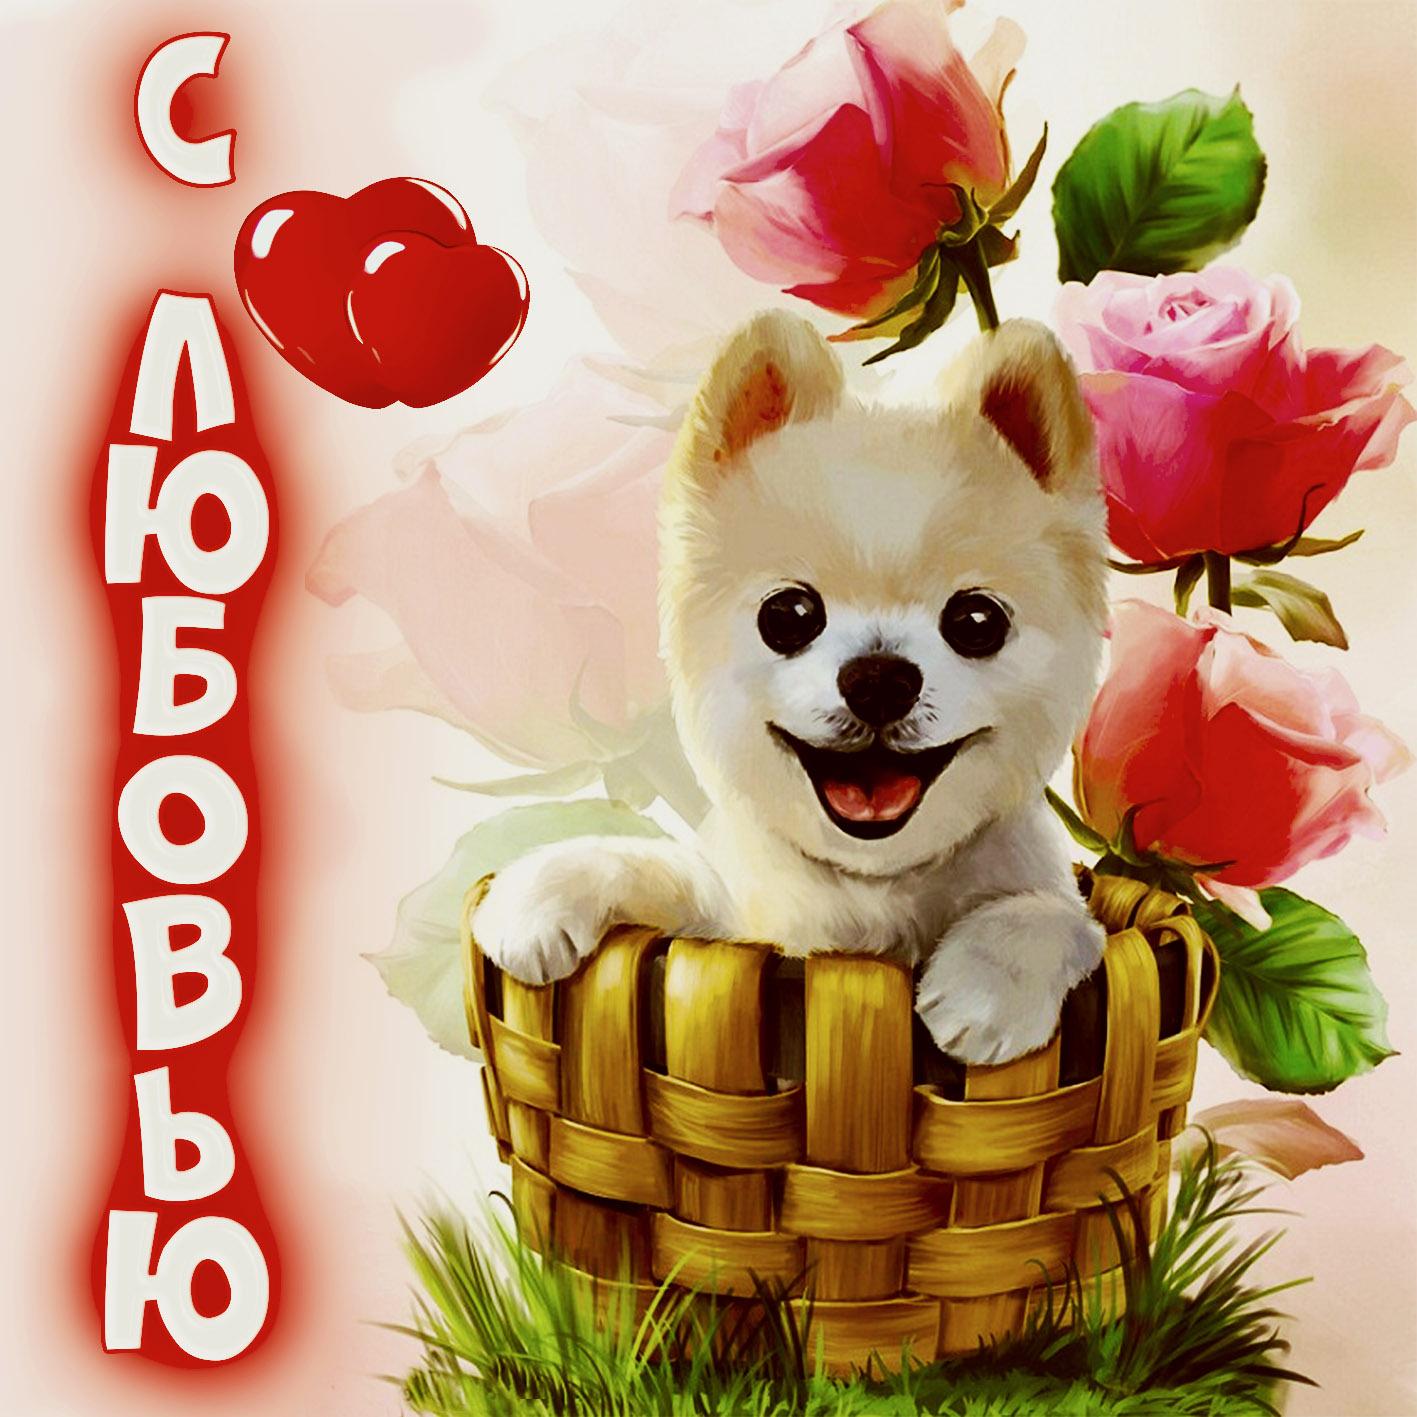 Открытка с любовью - милая собачка в корзинке с розами